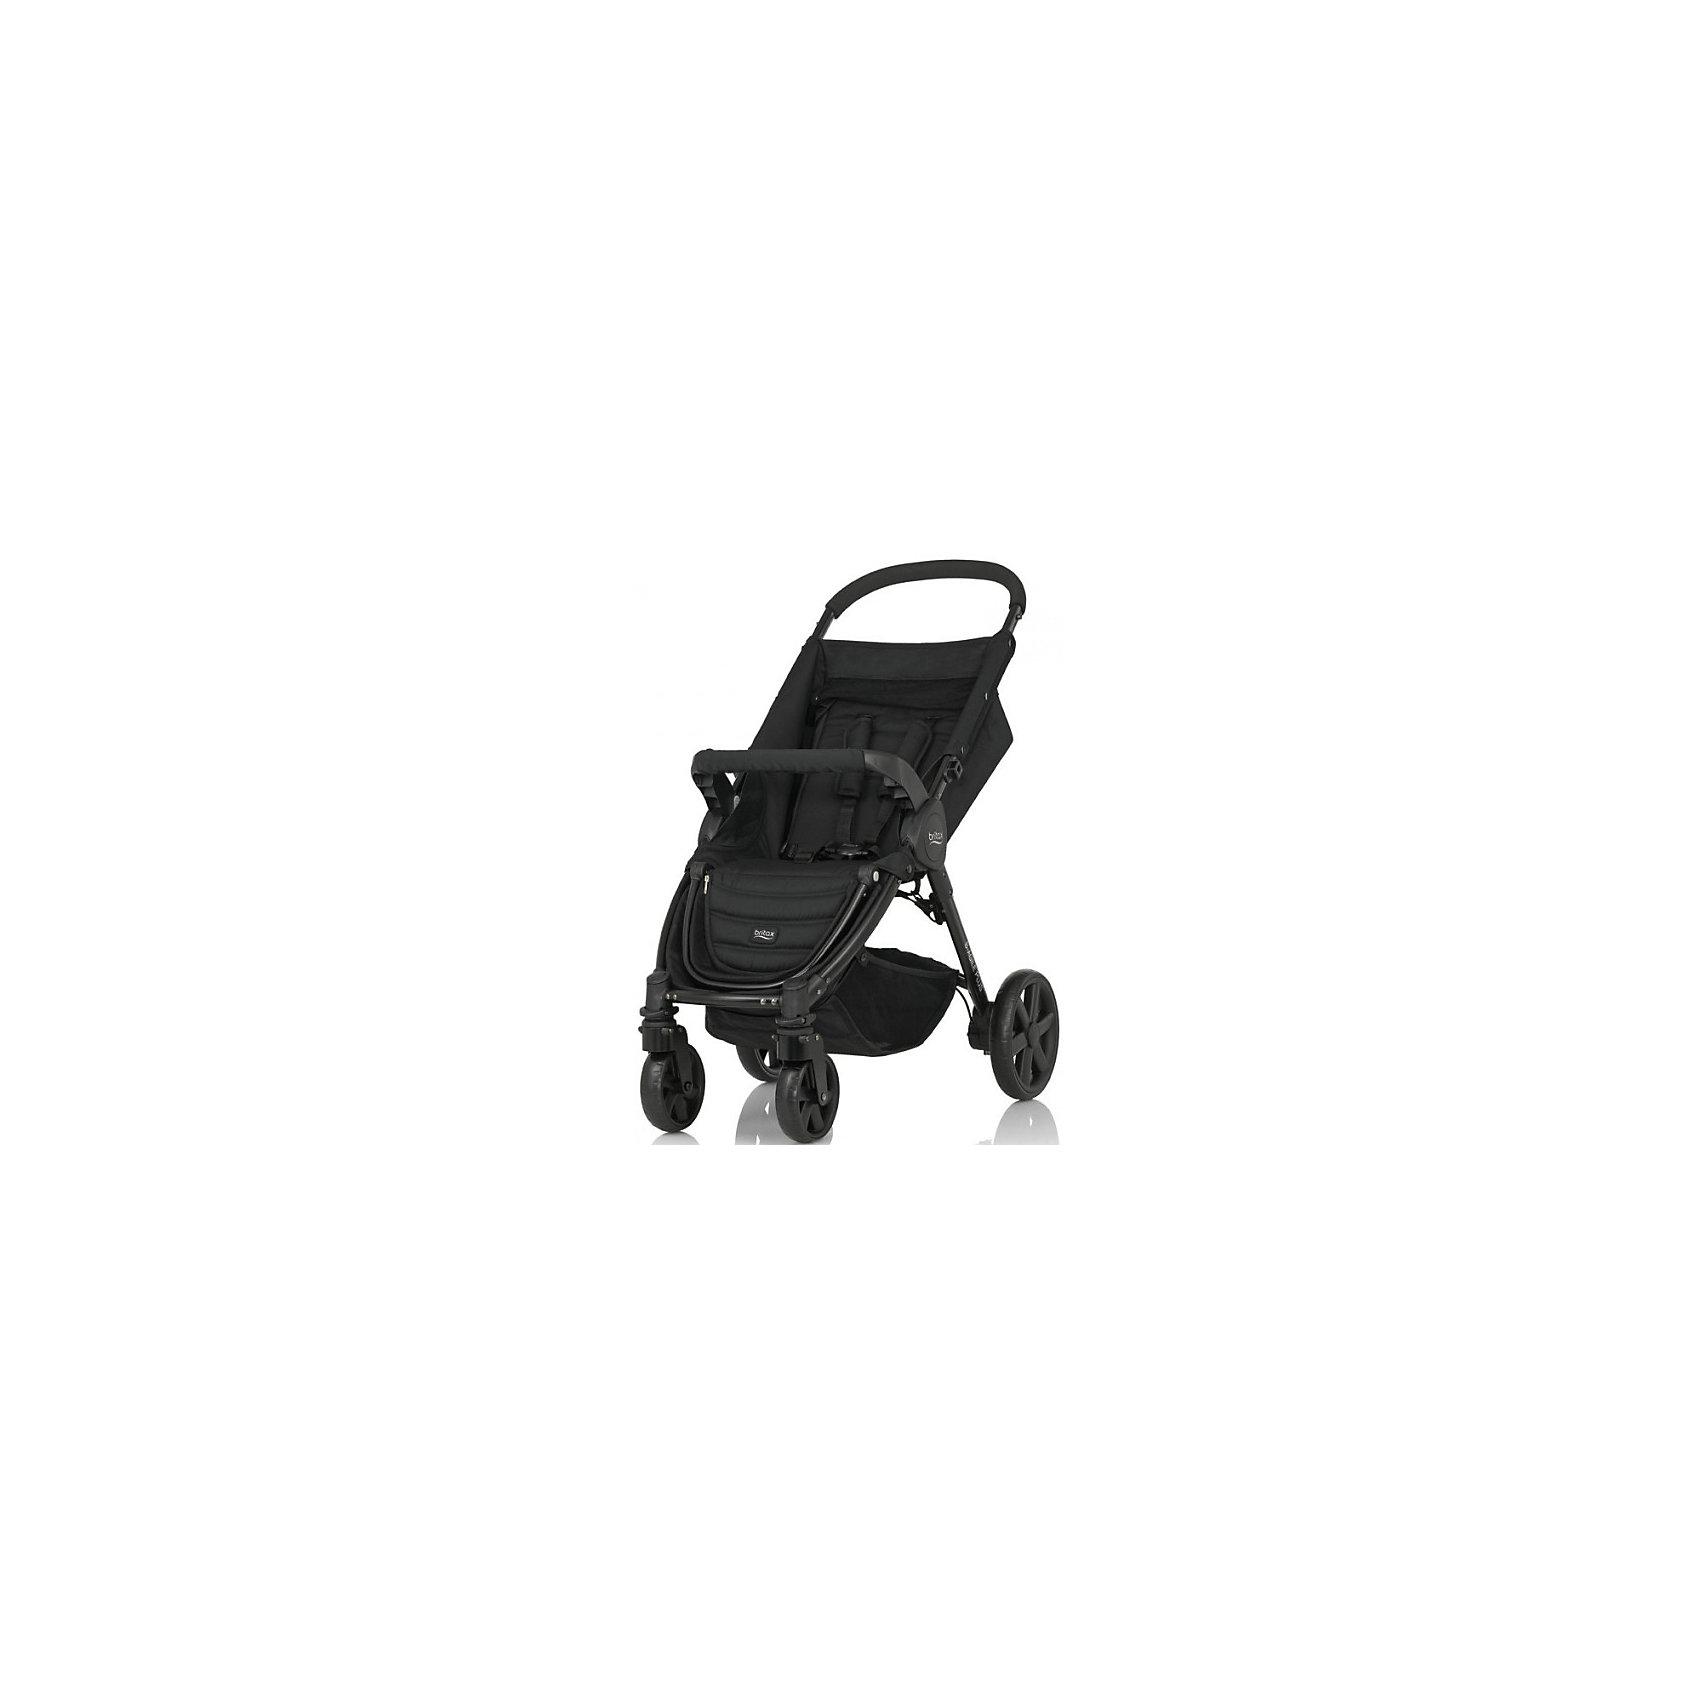 Прогулочная коляска Britax B-AGILE 4 Plus, Cosmos BlackПрогулочные коляски<br>Коляска B-AGILE 4 Plus - прекрасный вариант для прогулок, путешествий и активного отдыха! Коляска имеет систему амортизации, передние поворотные колеса, небольшую ширину алюминиевой рамы, что гарантирует удобство, манёвренность и проходимость. Модель легко складывается одной рукой, имеет ножной тормоз и автоматическую блокировку складывания. Удобное сиденье эргономичной формы, подножка и регулируемая спинка обеспечат малышу спокойный и комфортный отдых, а пятиточечные страховочные ремни с мягкими накладками и съемный бампер  гарантируют безопасность. <br><br>Дополнительная информация:<br><br>- Материал: алюминий, пластик, резина, текстиль.<br>- Тип складывания: книжка.<br>- Размер: 101х58х89 см.<br>- Размер в сложенном виде: 41х58х73,5 см<br>- Размер сиденья: 24х29 см. <br>- Высота ручки: 100 см. <br>- Вес: 9,5 кг.<br>- Диаметр колес: заднее - 22,5 см;  переднее - 13,5 см.<br>- Передние поворотные колеса с фиксацией.<br>- Возможность установки на шасси коляски люльки или автокресла группы 0+.<br>- Ножной тормоз.<br>- Регулируемый наклон спинки (до положения лежа).<br>- Пятиточечные ремни безопасности.<br>- Регулируемая подножка.<br>- Съемный бампер. <br>- Корзина для вещей.<br>- Капюшон продается отдельно. <br>- Максимальная нагрузка: 22 кг .<br><br>Прогулочную коляску B-AGILE 4 Plus, Britax (Бритакс), Cosmos Black, можно купить в нашем магазине.<br><br>Ширина мм: 250<br>Глубина мм: 460<br>Высота мм: 825<br>Вес г: 9500<br>Возраст от месяцев: 0<br>Возраст до месяцев: 48<br>Пол: Унисекс<br>Возраст: Детский<br>SKU: 4722157